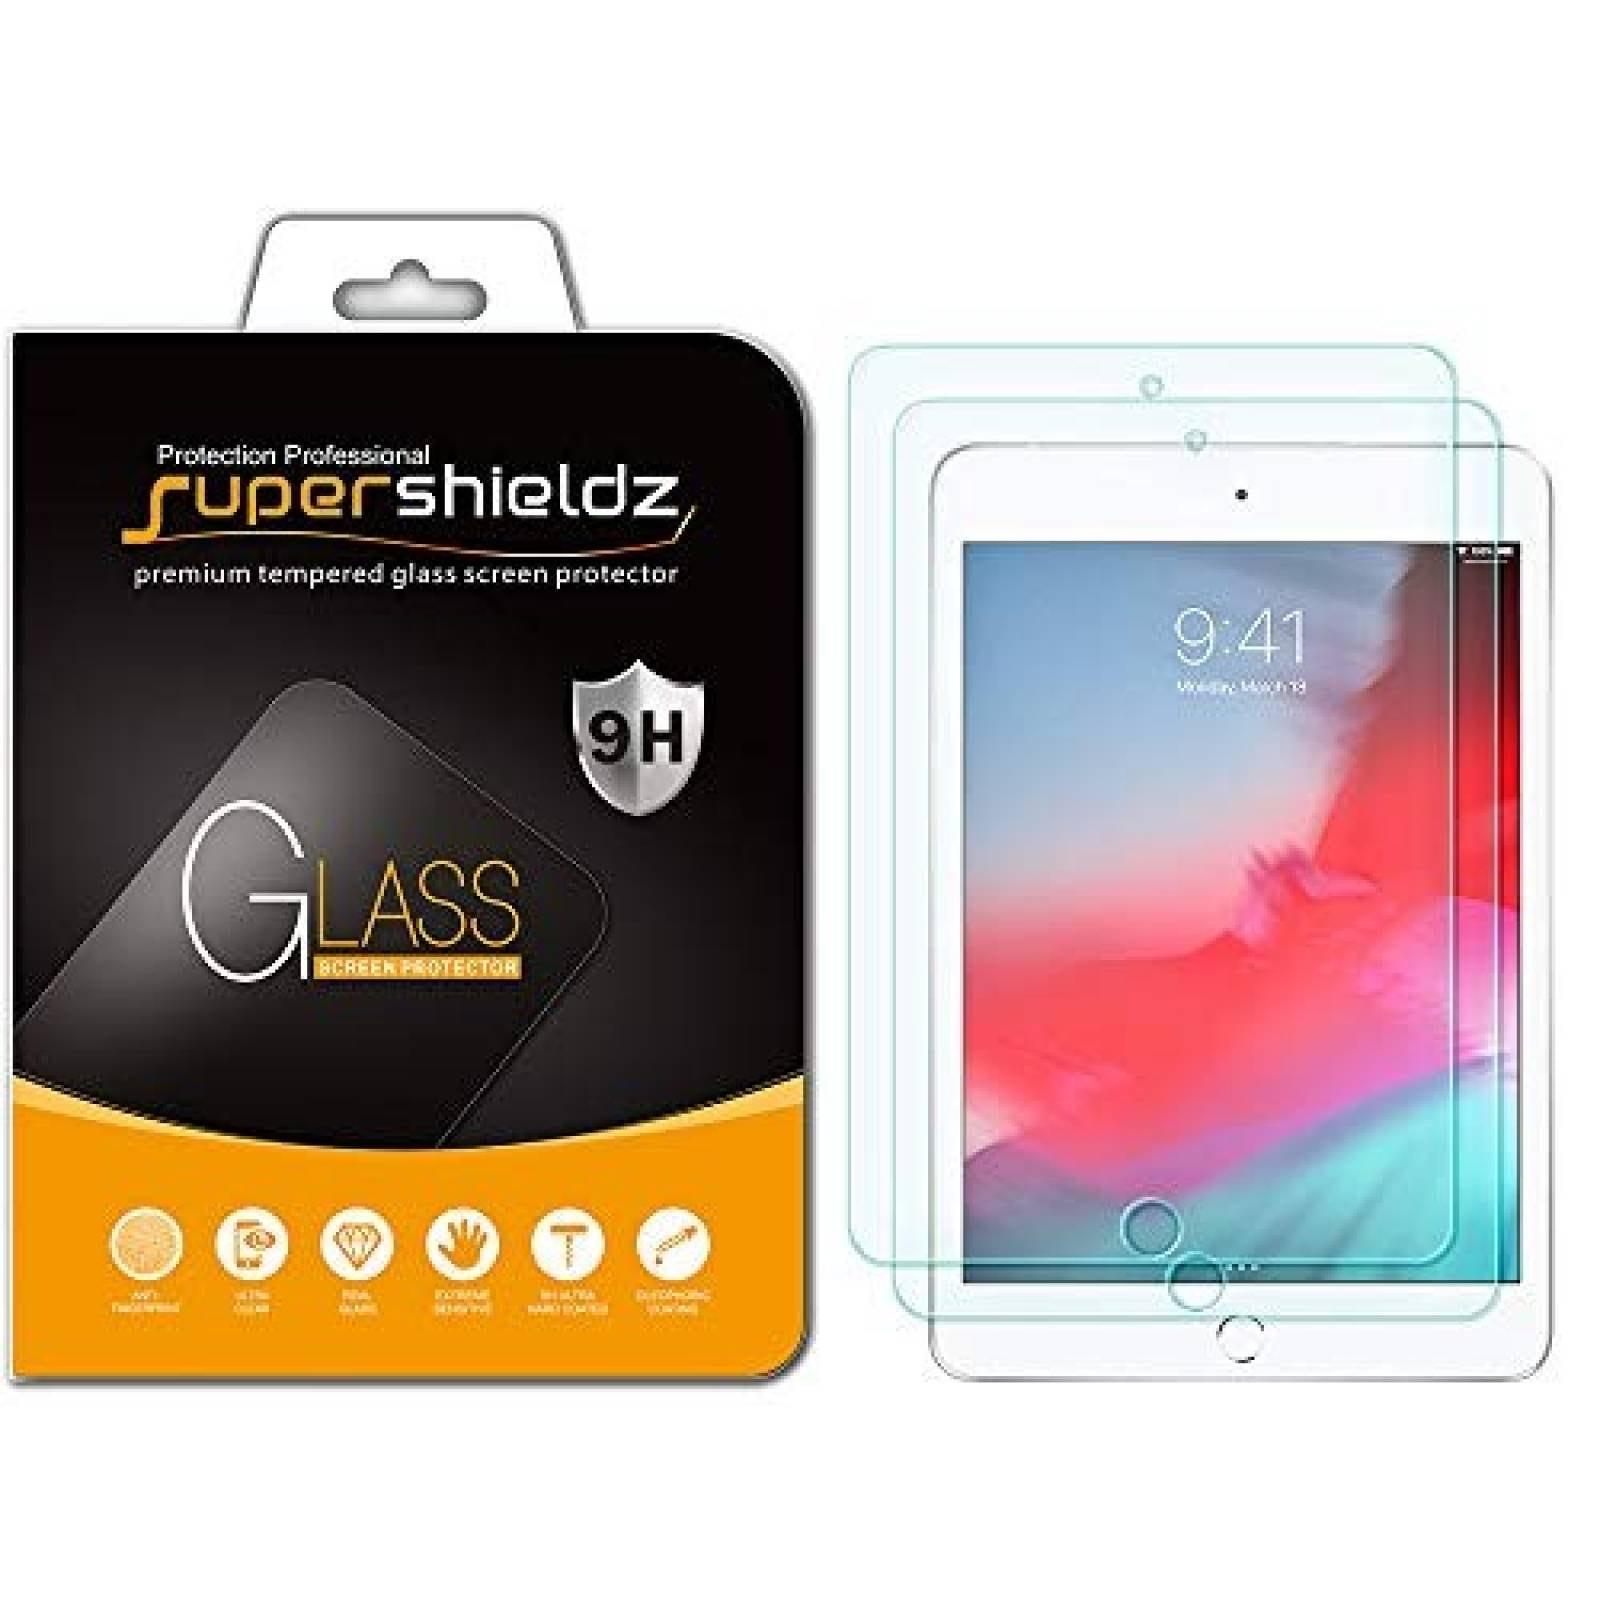 Protectores cristal templado Supershieldz iPad Mini 4 5 2pzs